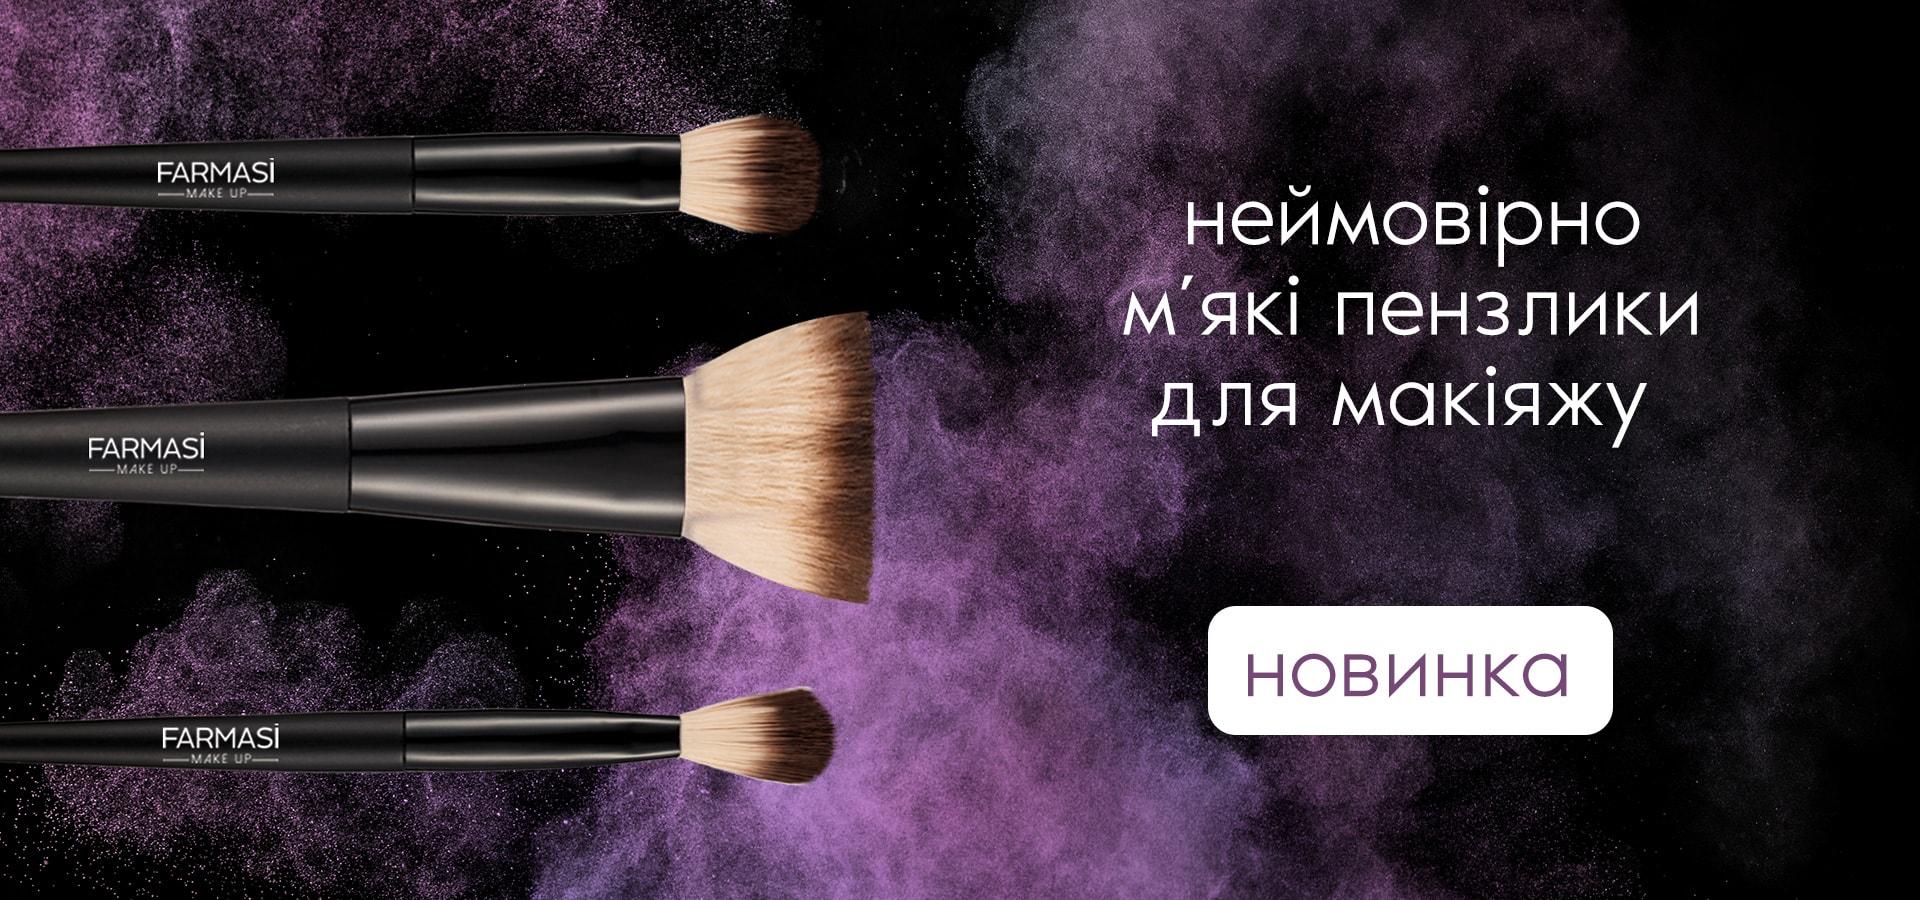 FARMASI24.in.ua - Косметика 6